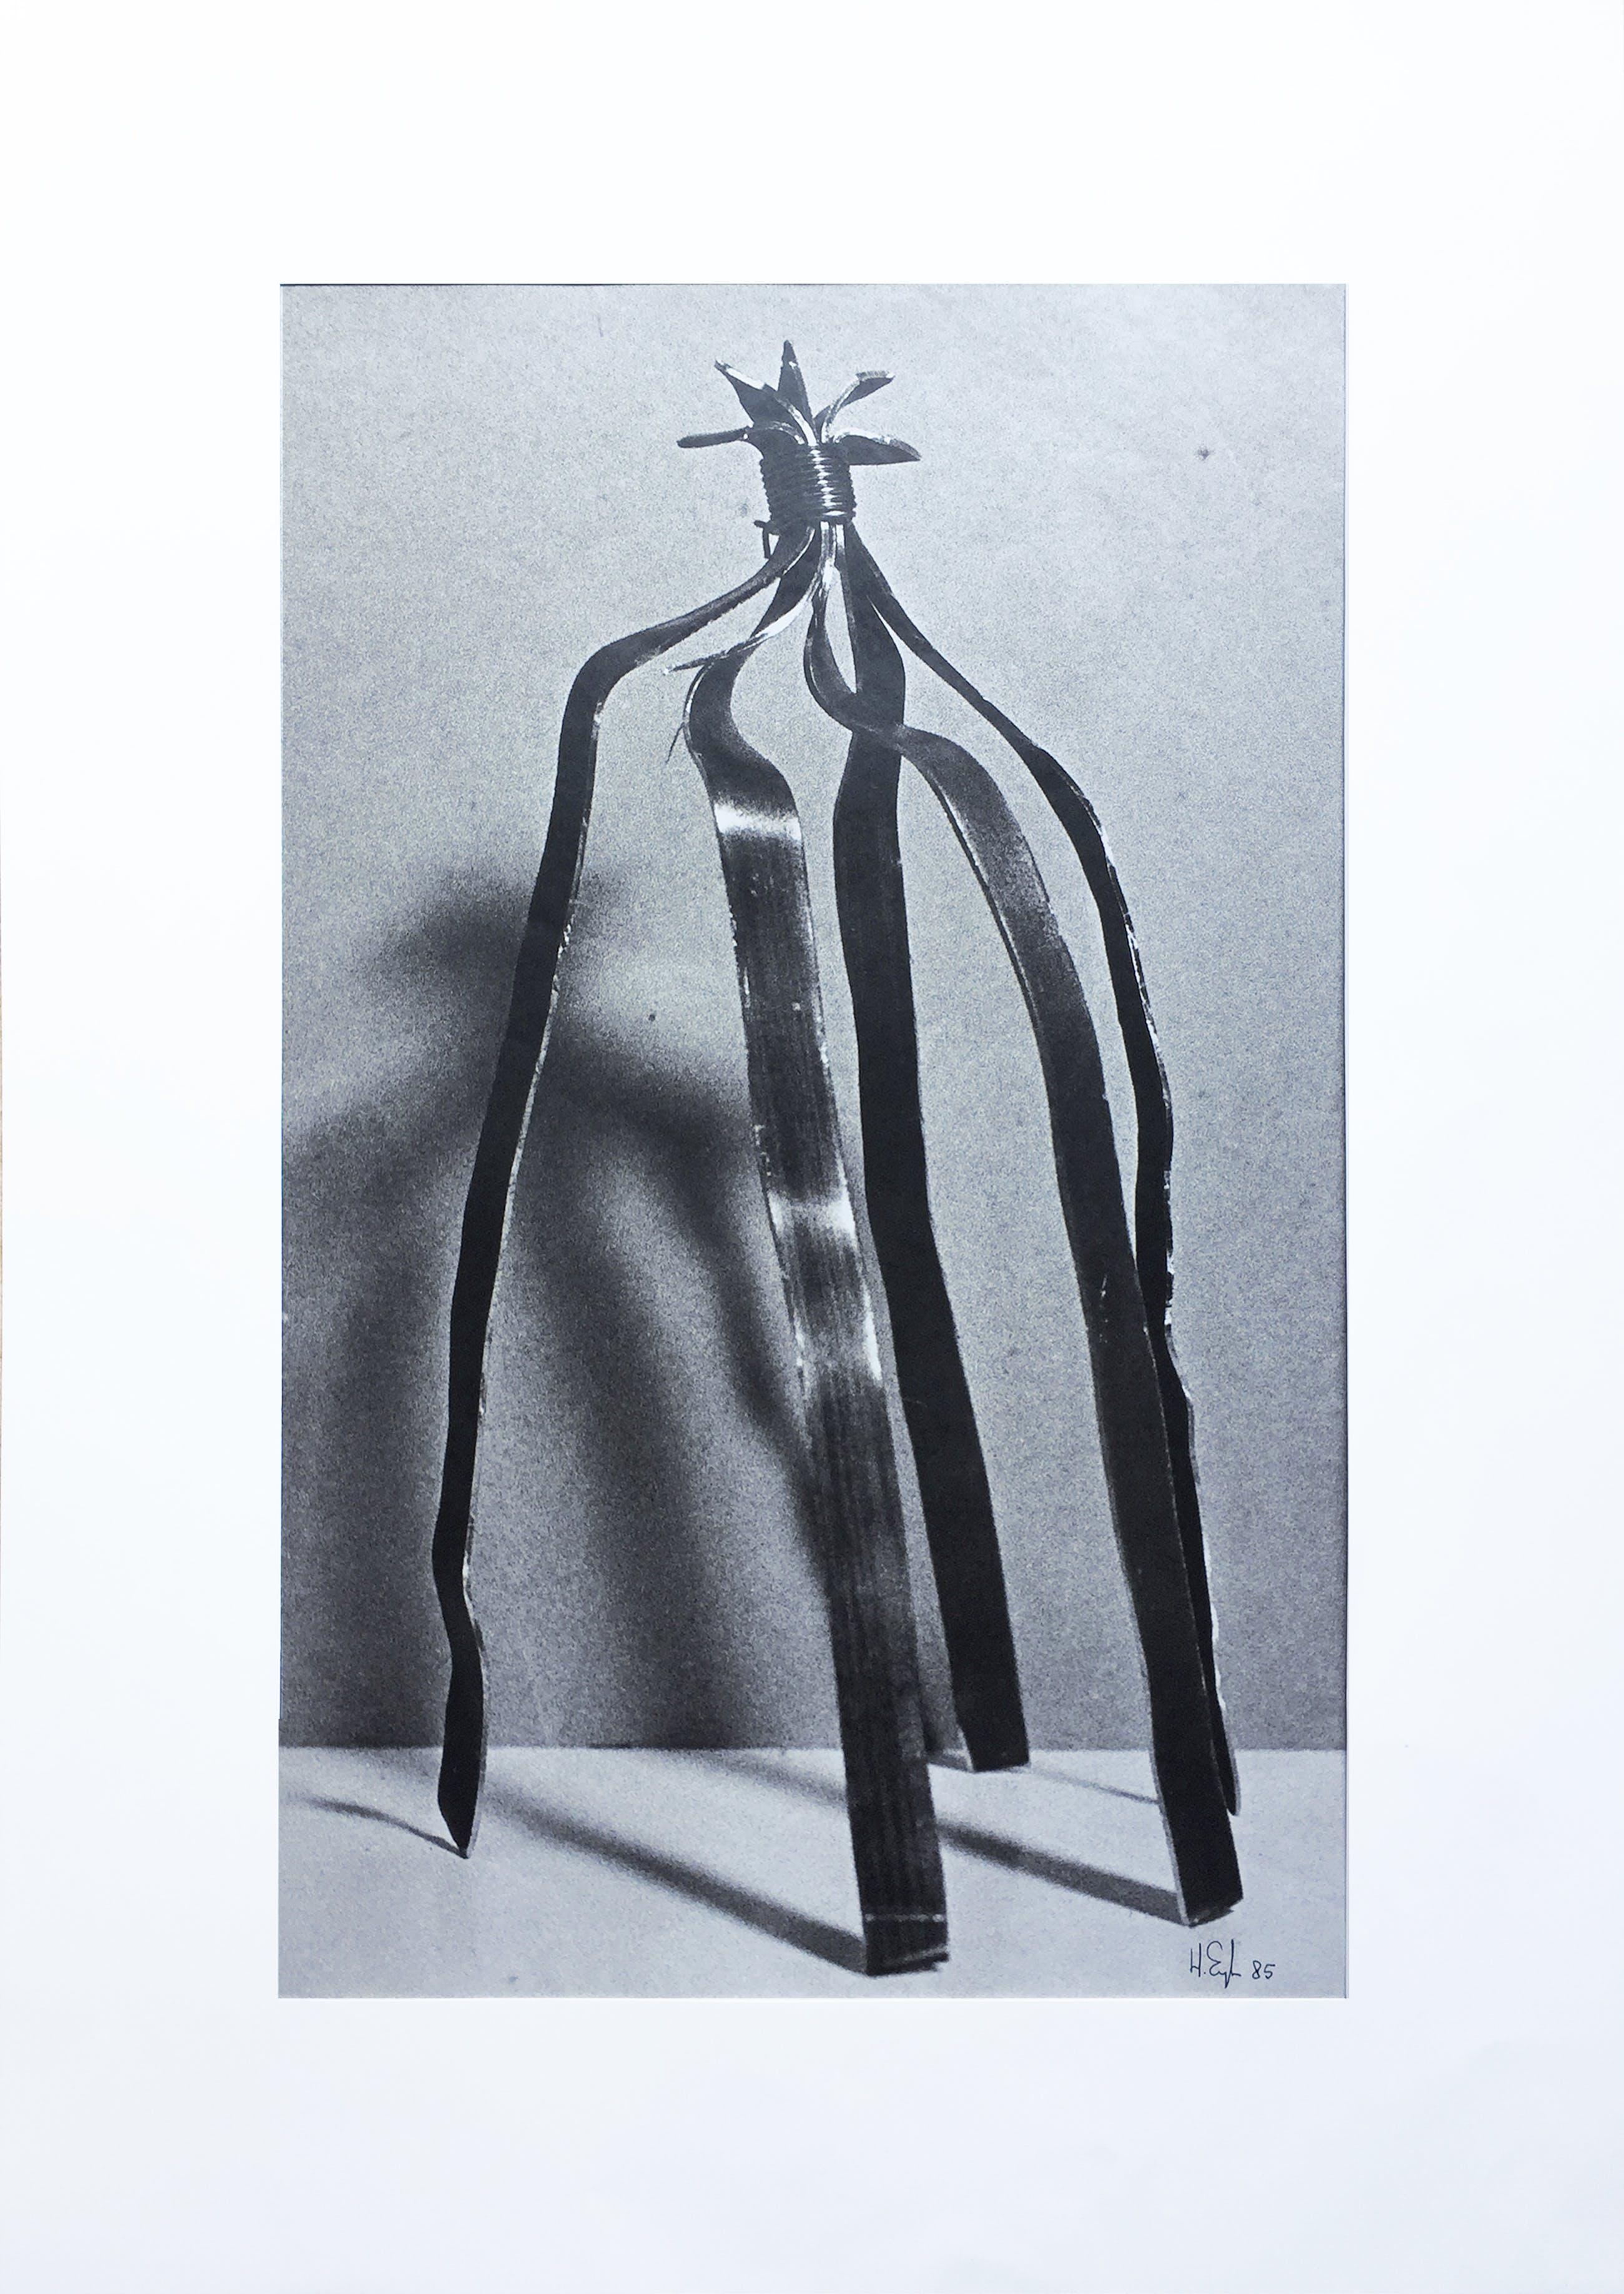 Hans Eijkelboom - Fotoprint op papier, 1985, loden toren, unica kopen? Bied vanaf 250!